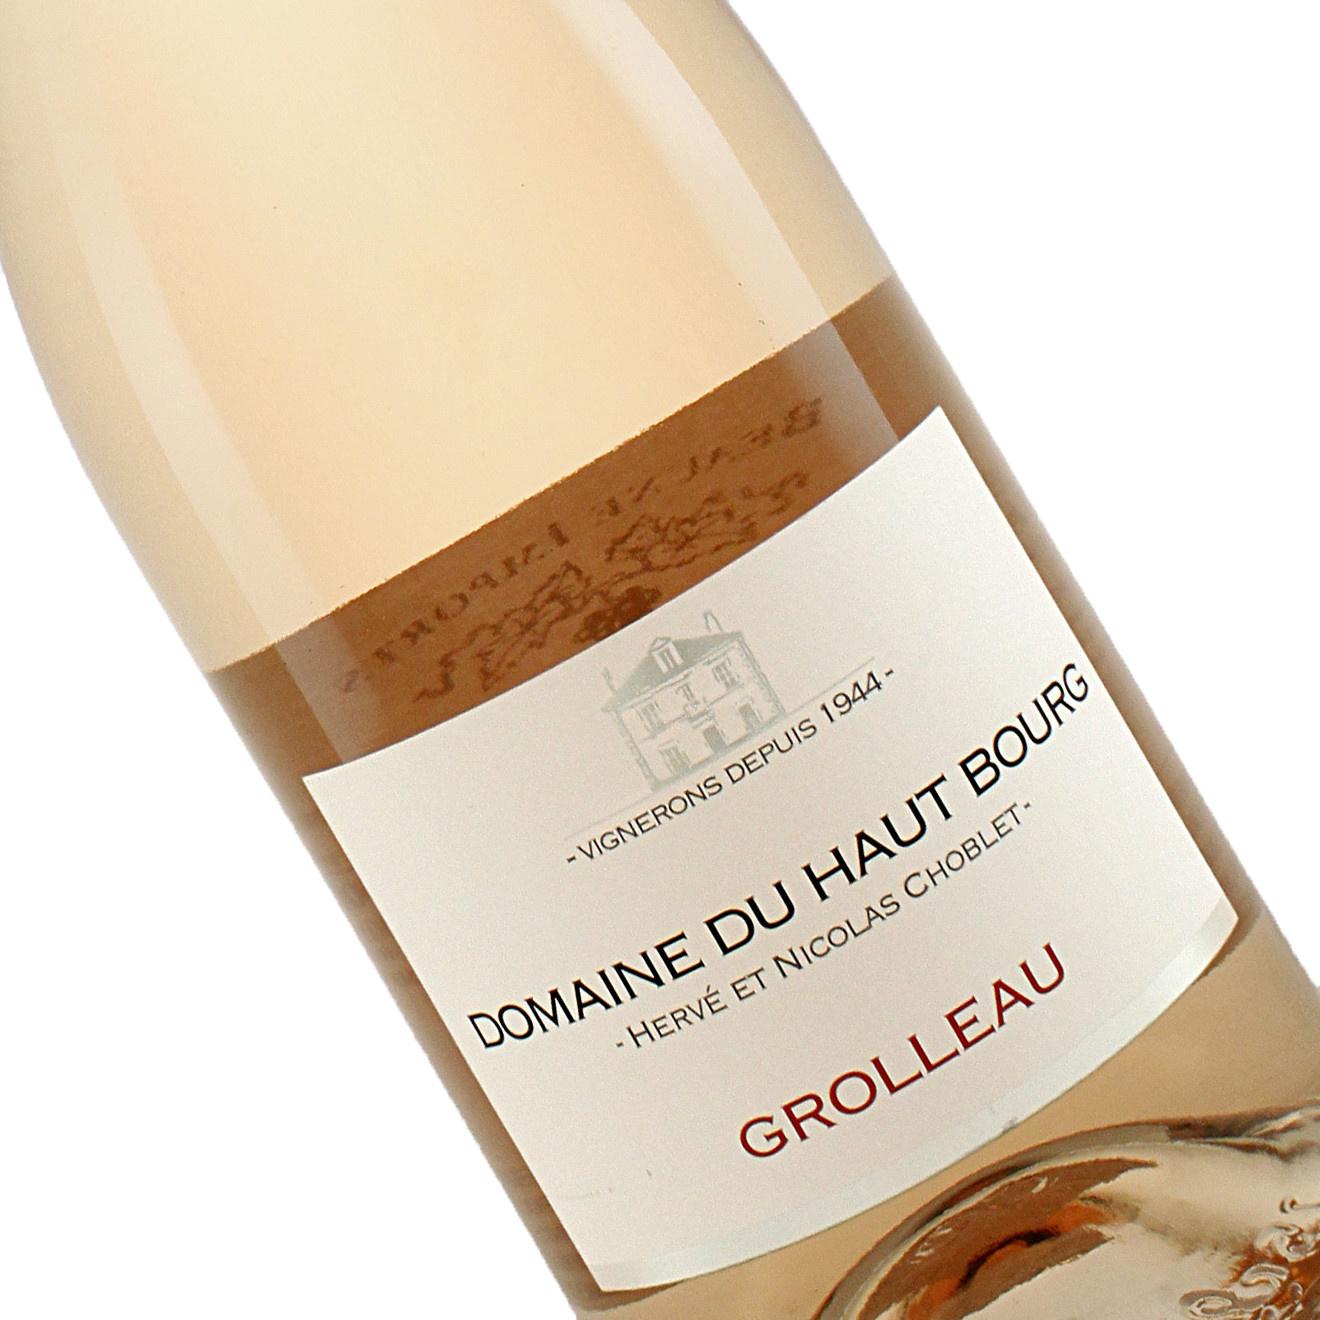 Domaine du Haut Bourg 2019 Grolleau Rose, Loire Valley